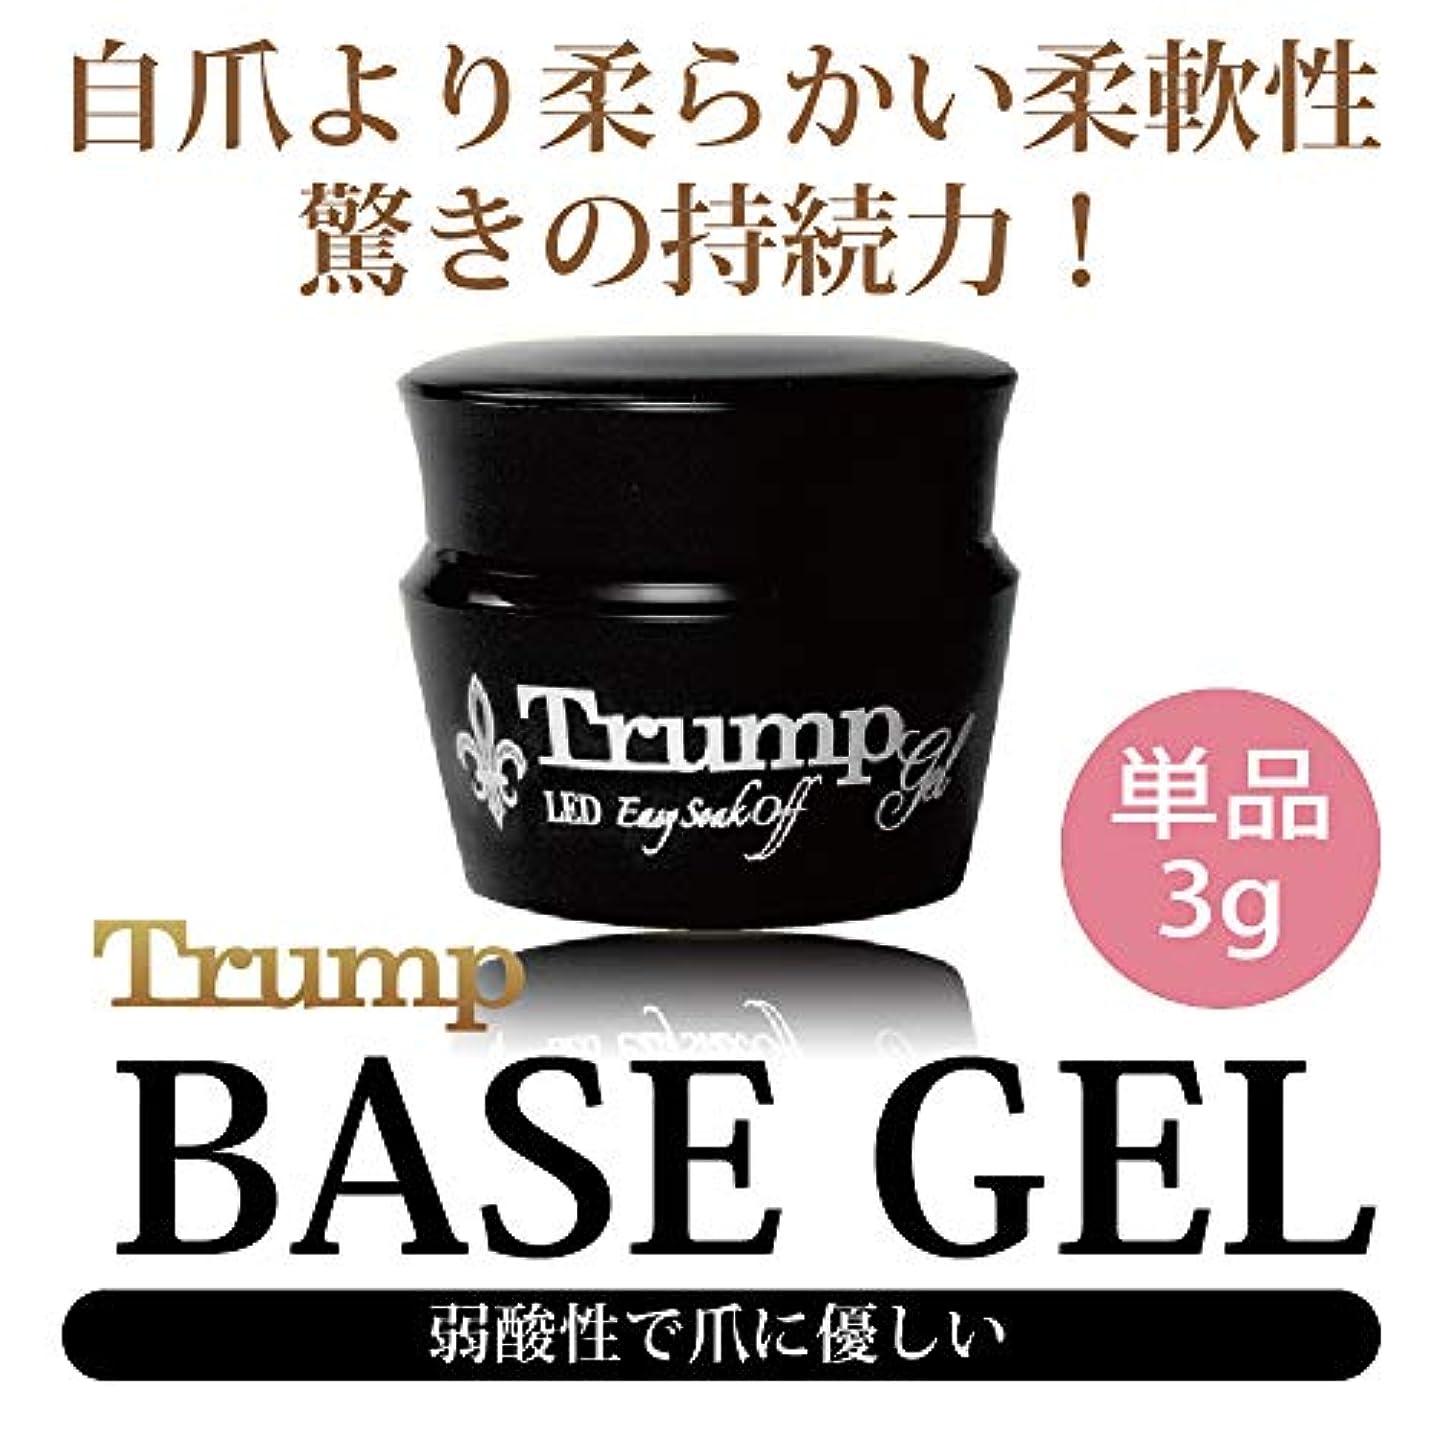 ドライブ法王減るTrump gel トランプ ベースジェル 爪に優しい 日本製 驚きの密着力 リムーバーでオフも簡単3g